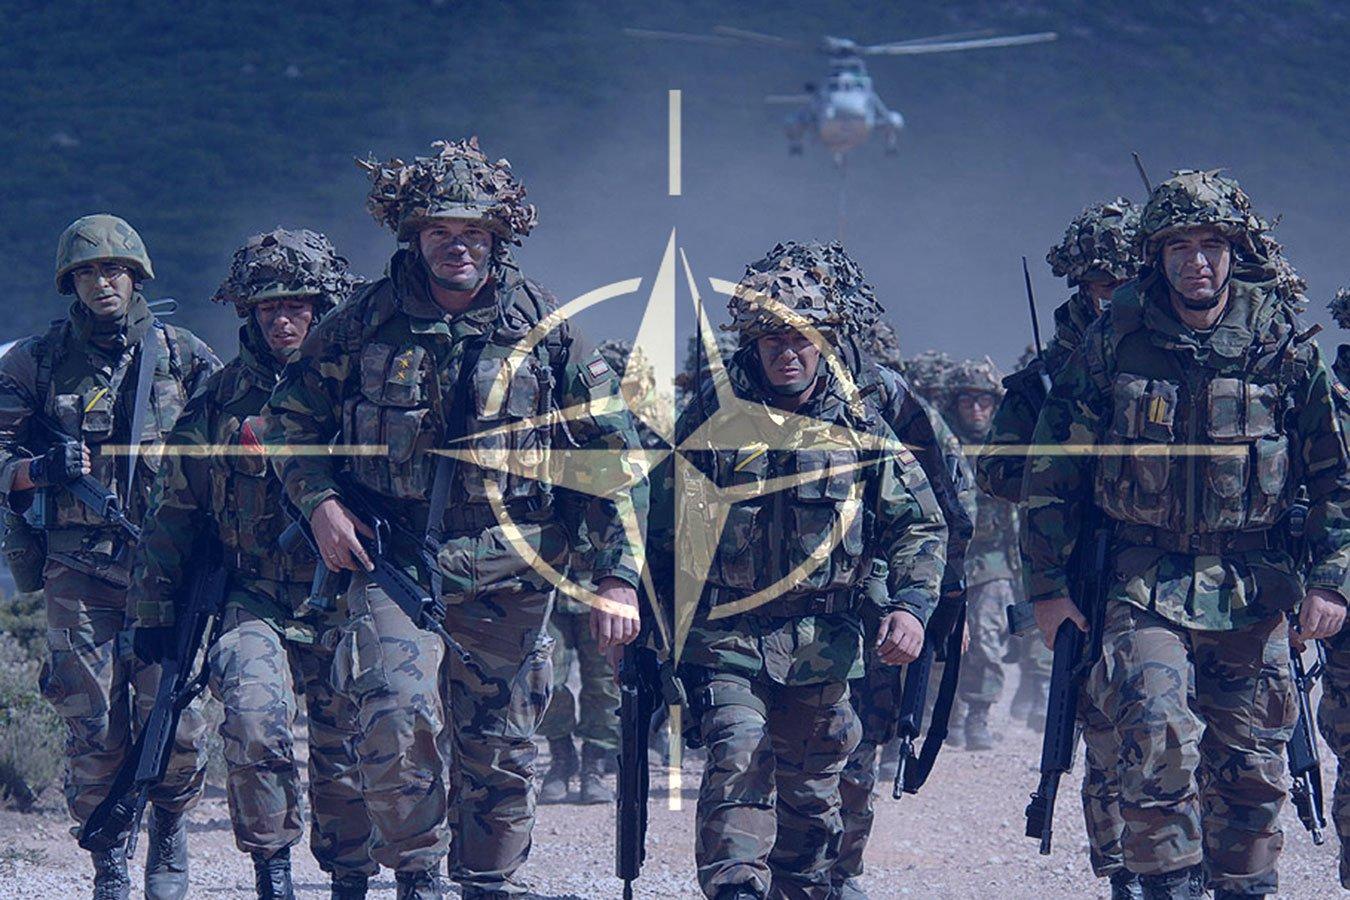 """США и НАТО увеличат свое присутствие на востоке Европы для """"предотвращения российской агрессии"""""""